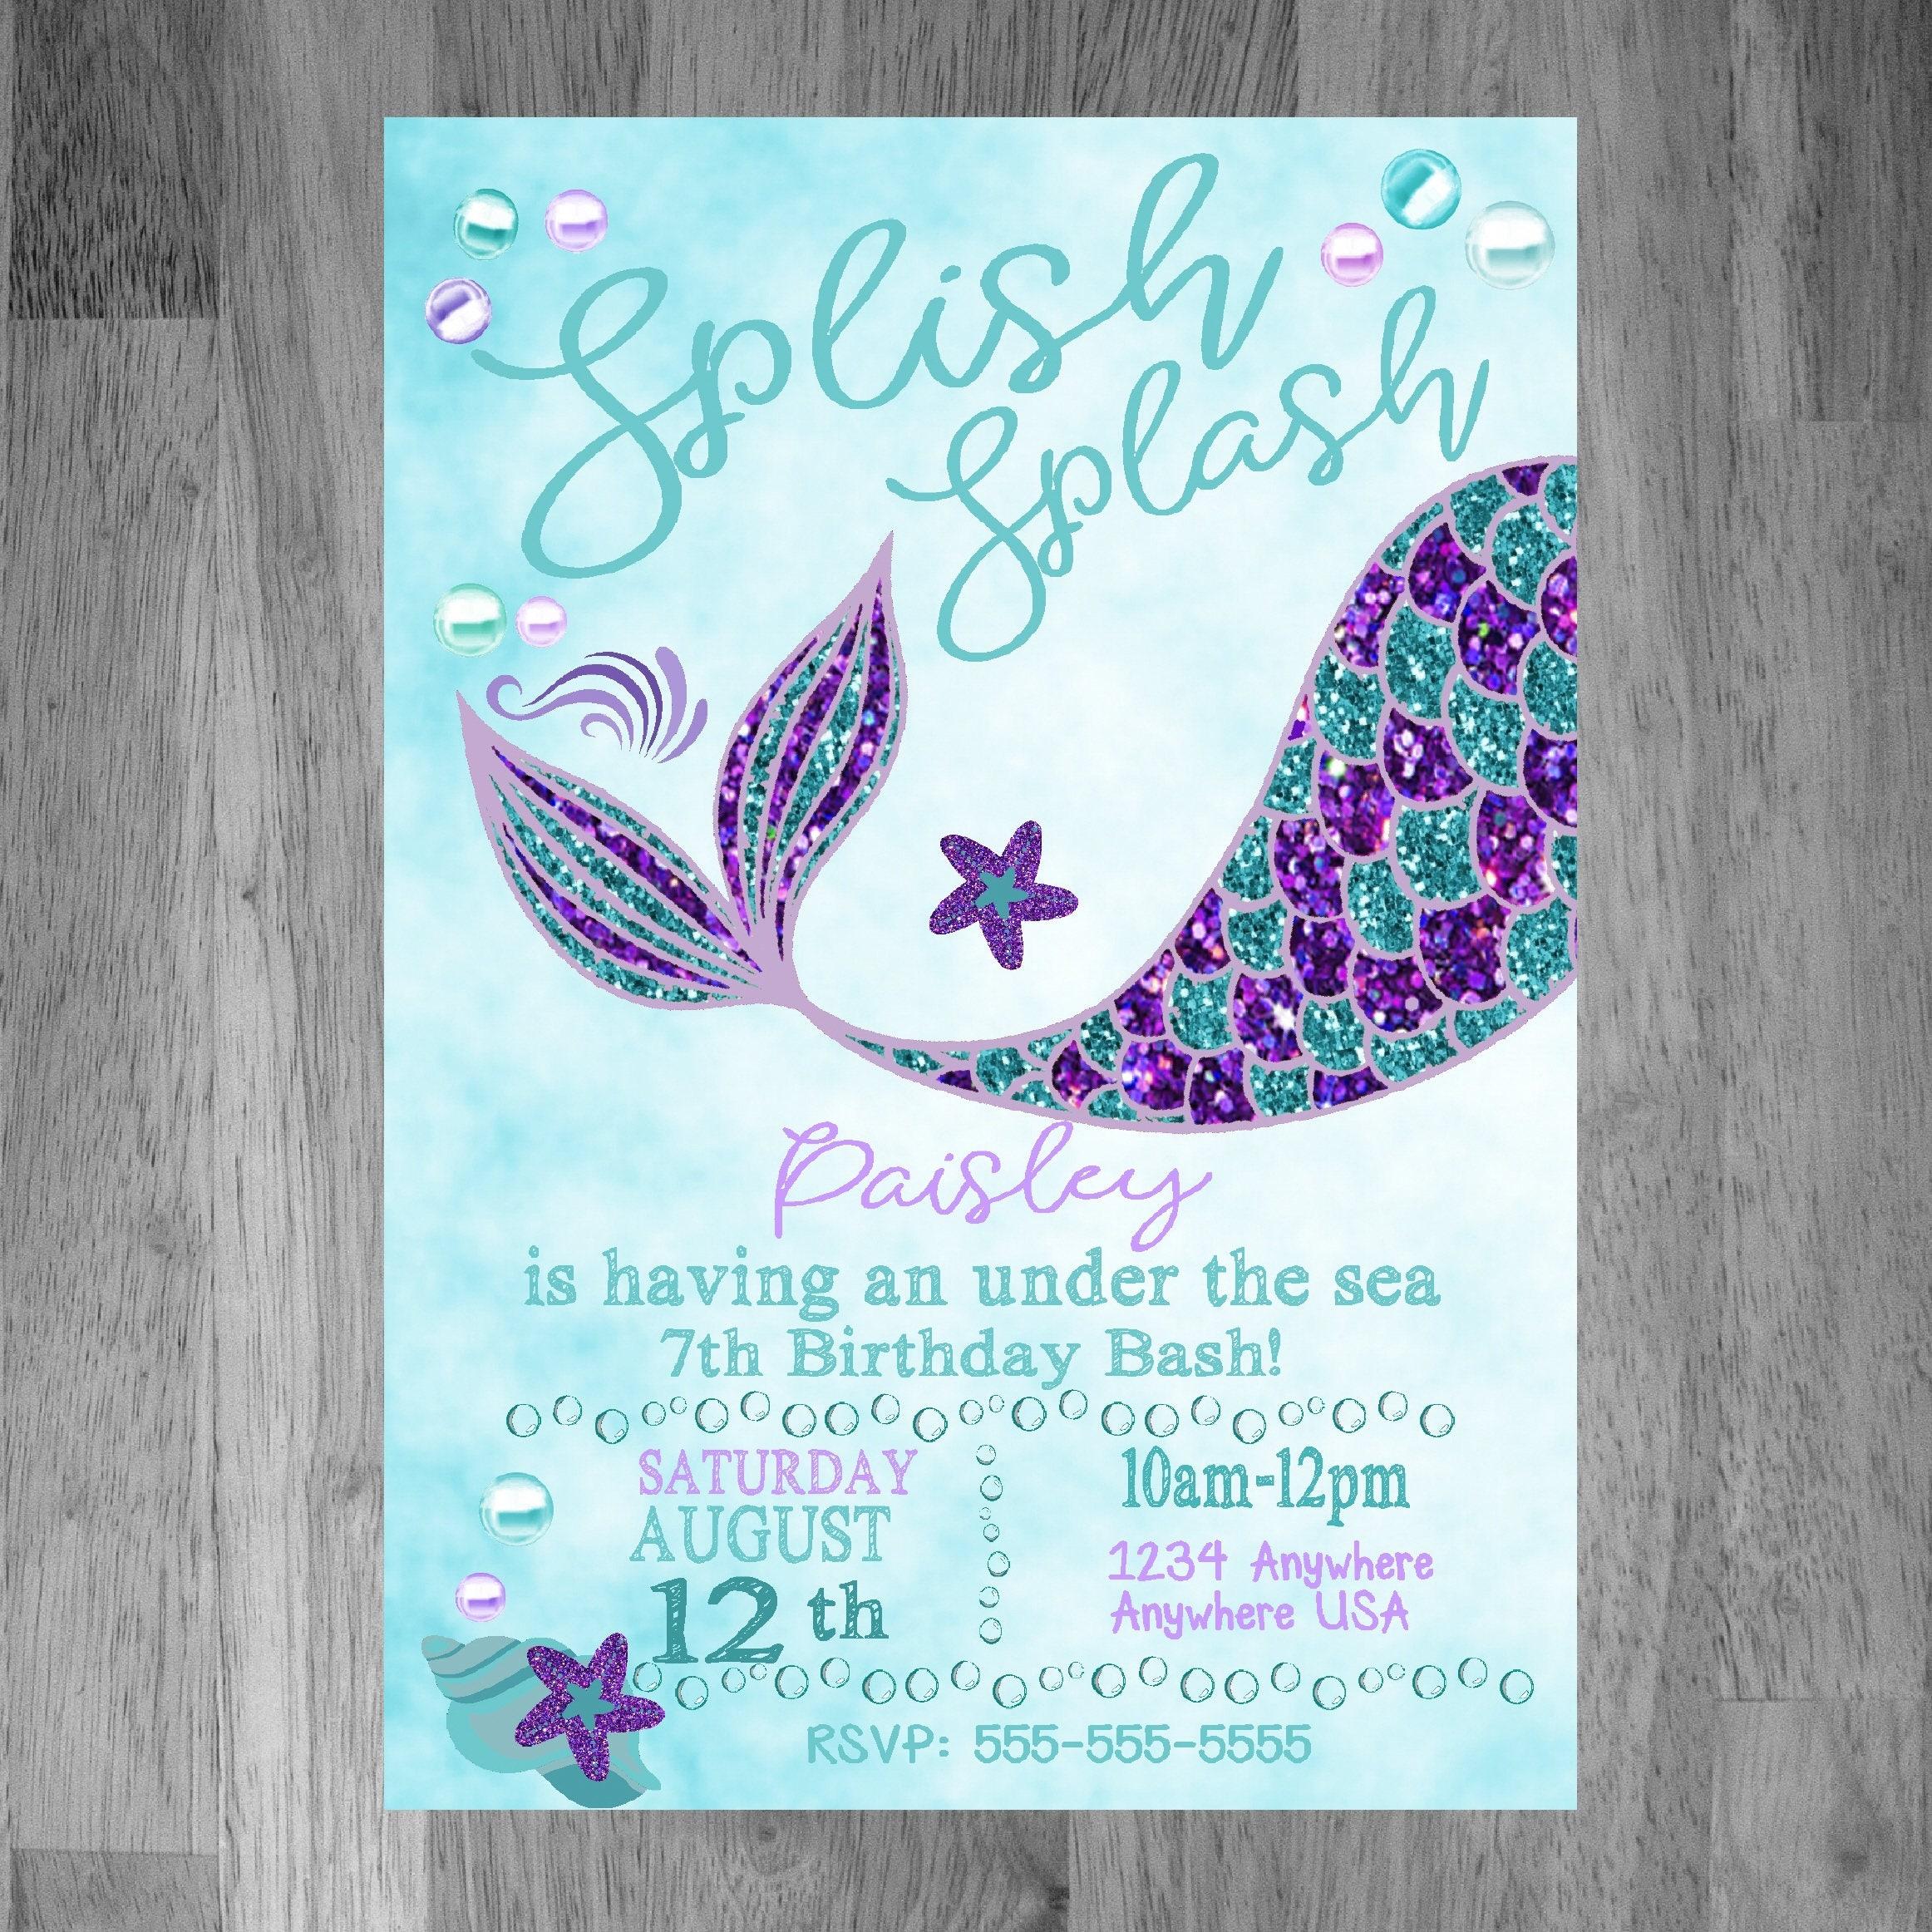 Mermaid Invitations Birthday Mermaid Invites Purple Teal